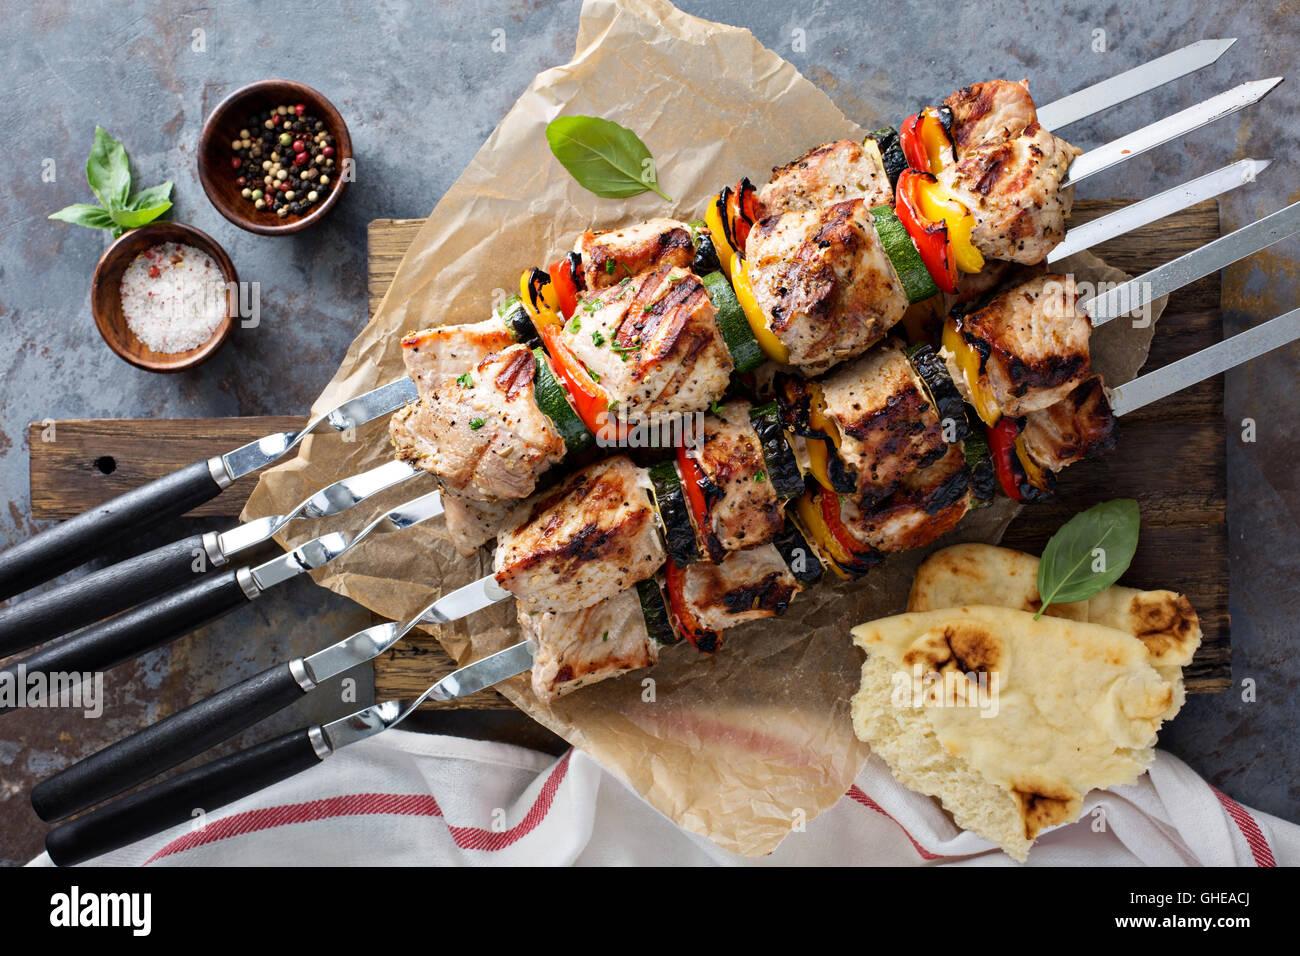 Brochettes de porc et de légumes Photo Stock